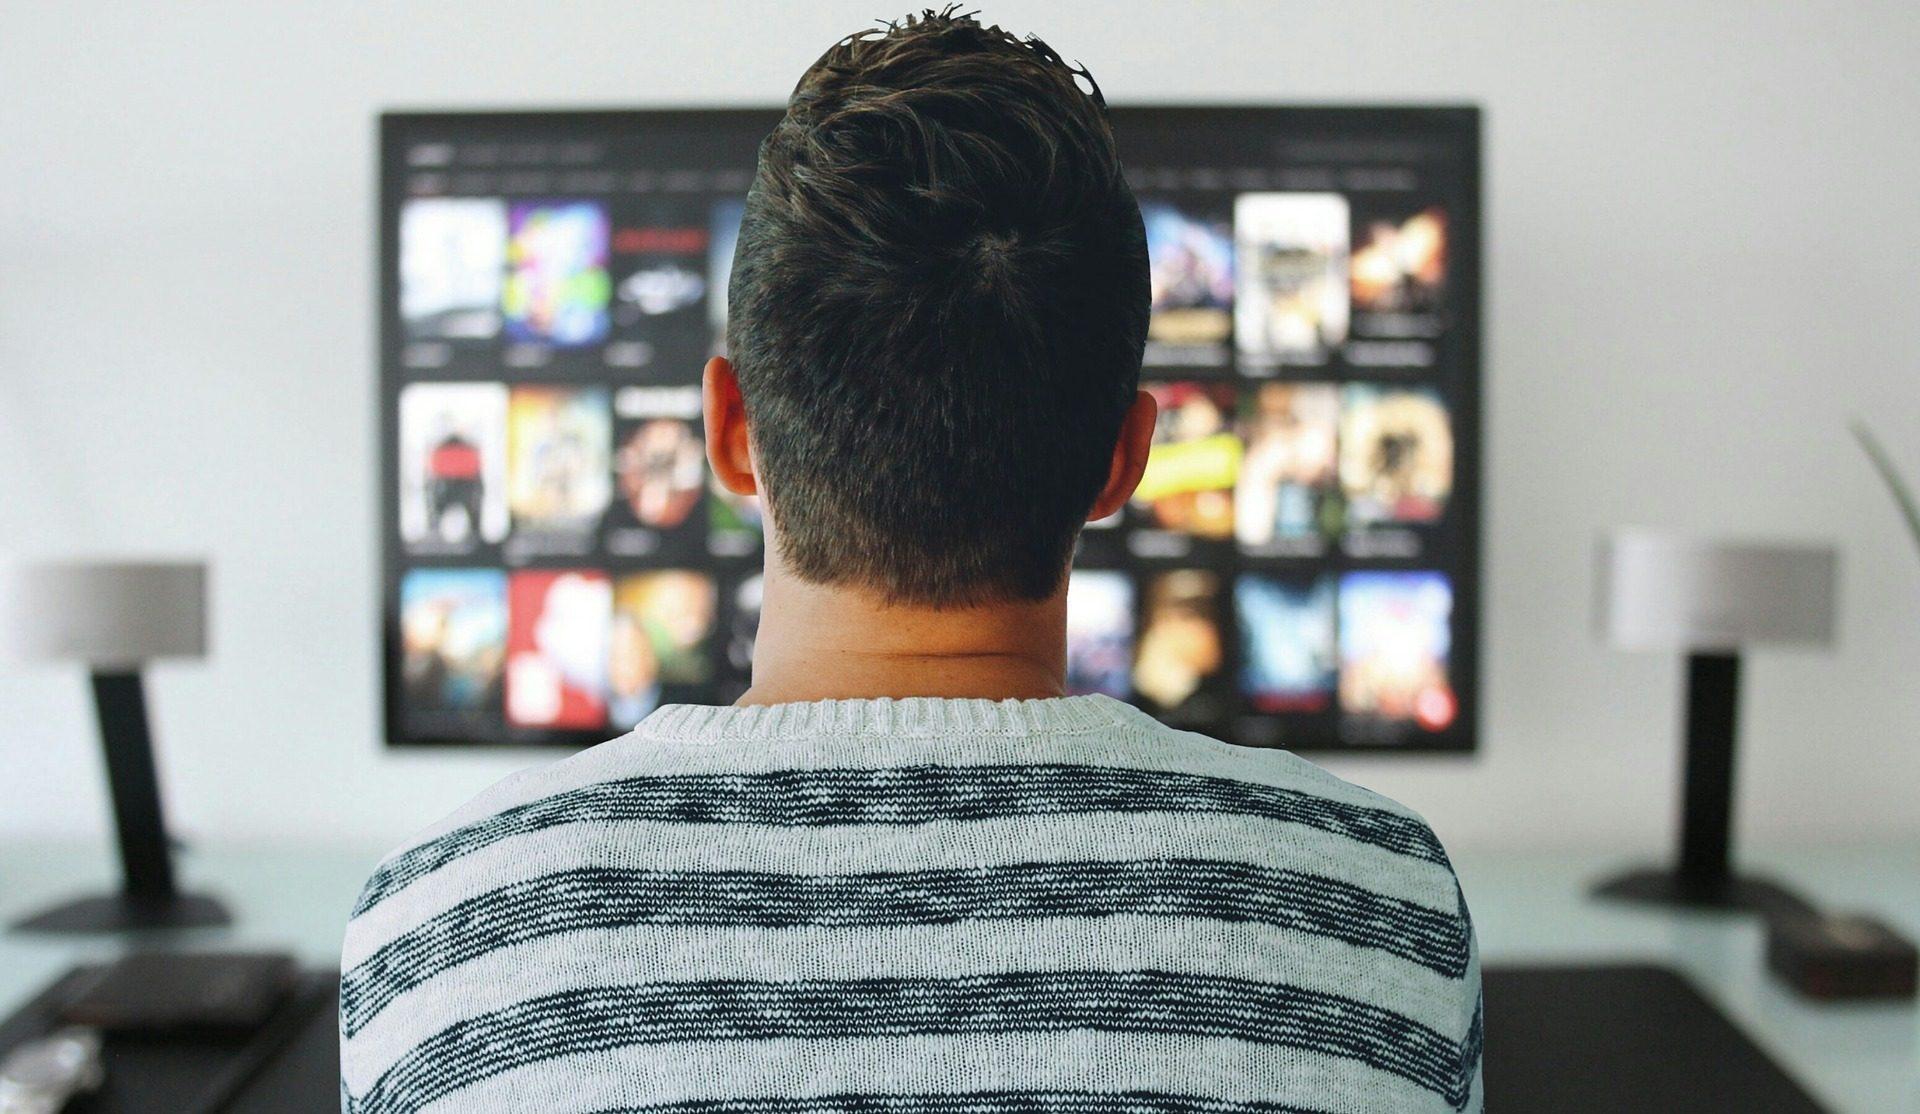 Cablevision Factura: ¿Dónde Encontrar Tu Factura De Cablevisión Si Perdí La Factura Física?